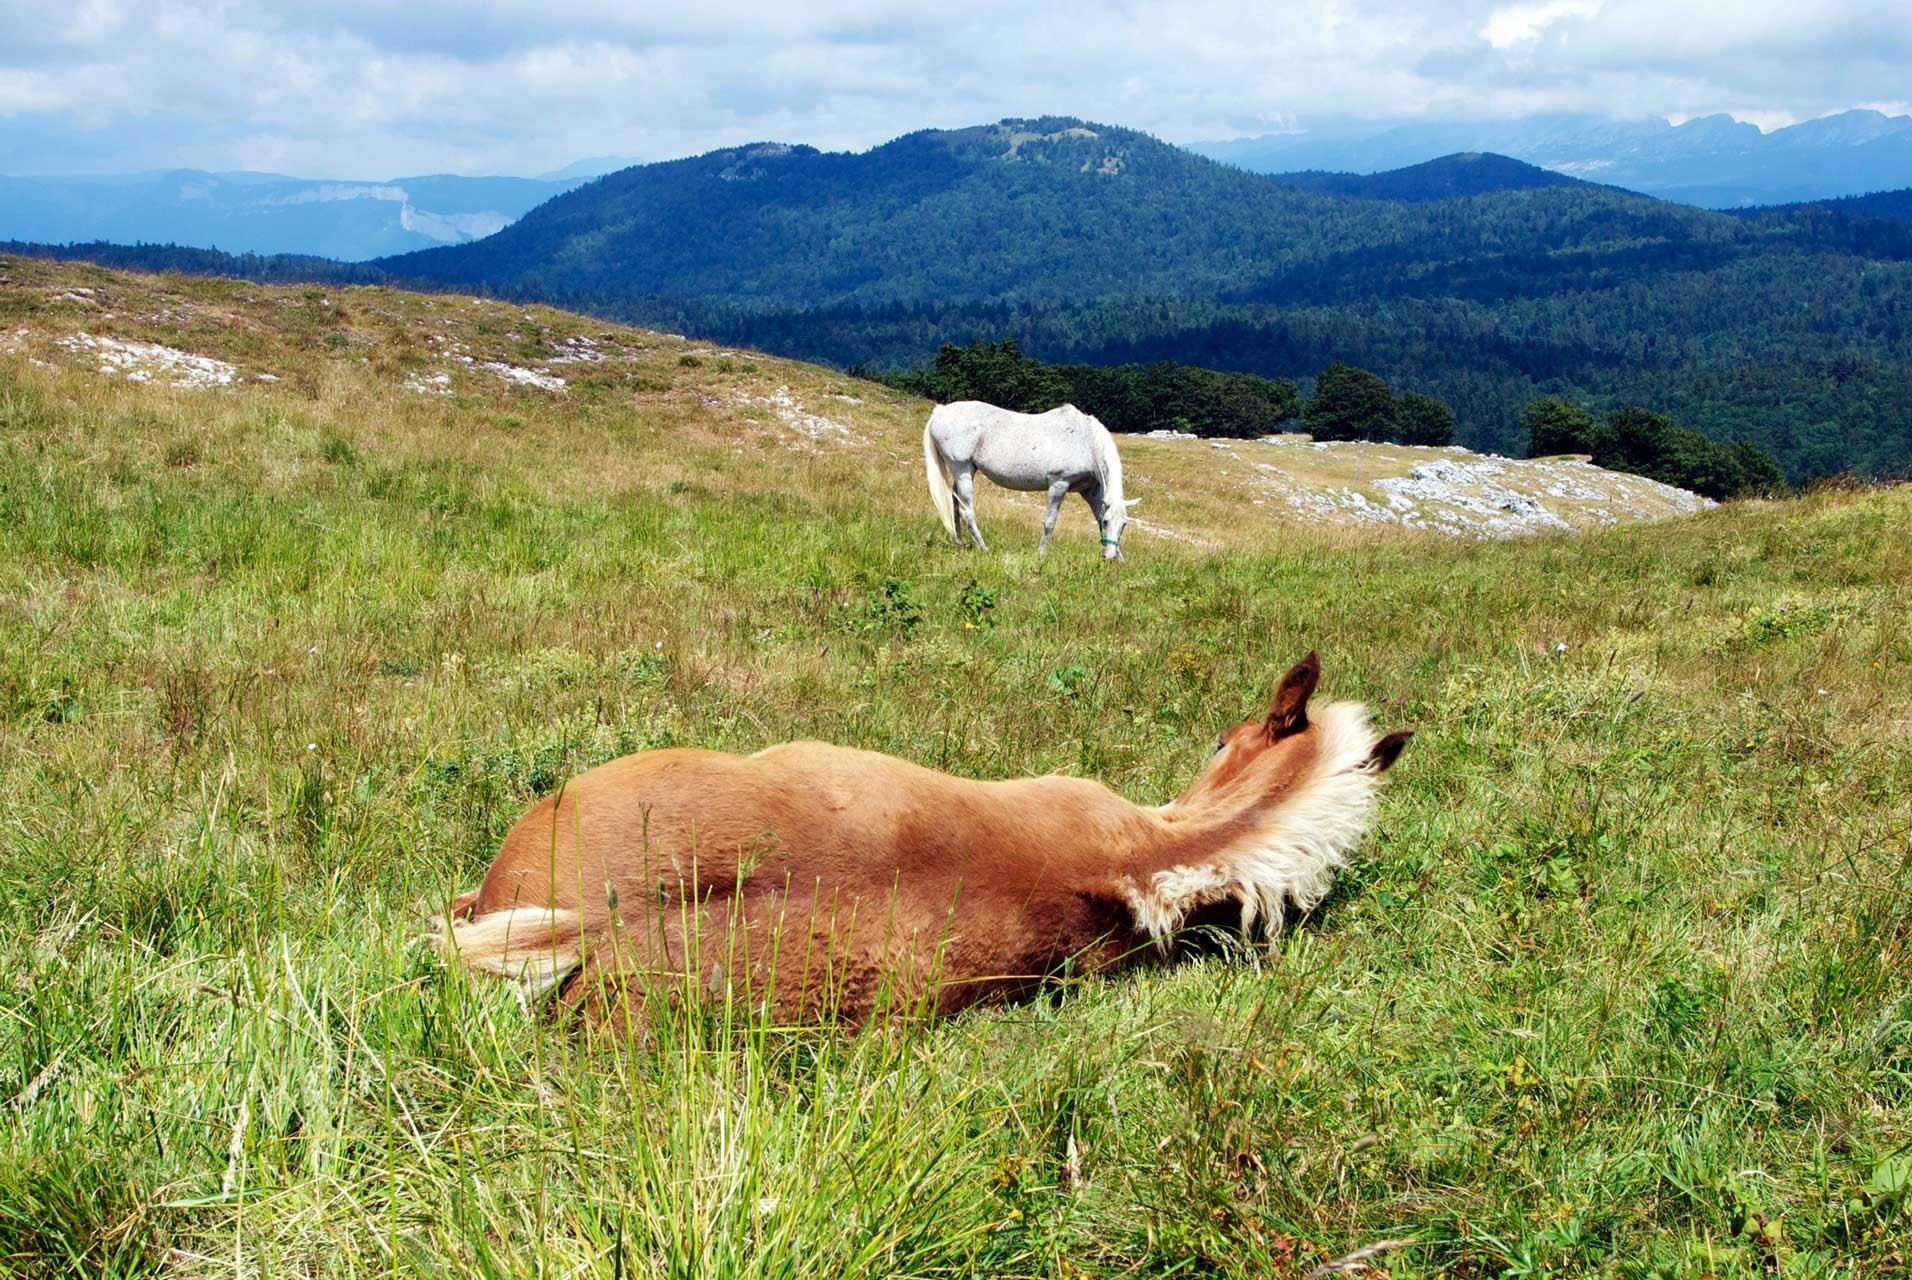 Laure-Maud_photographe_09_chevaux_Vercors_Font-Urle_03